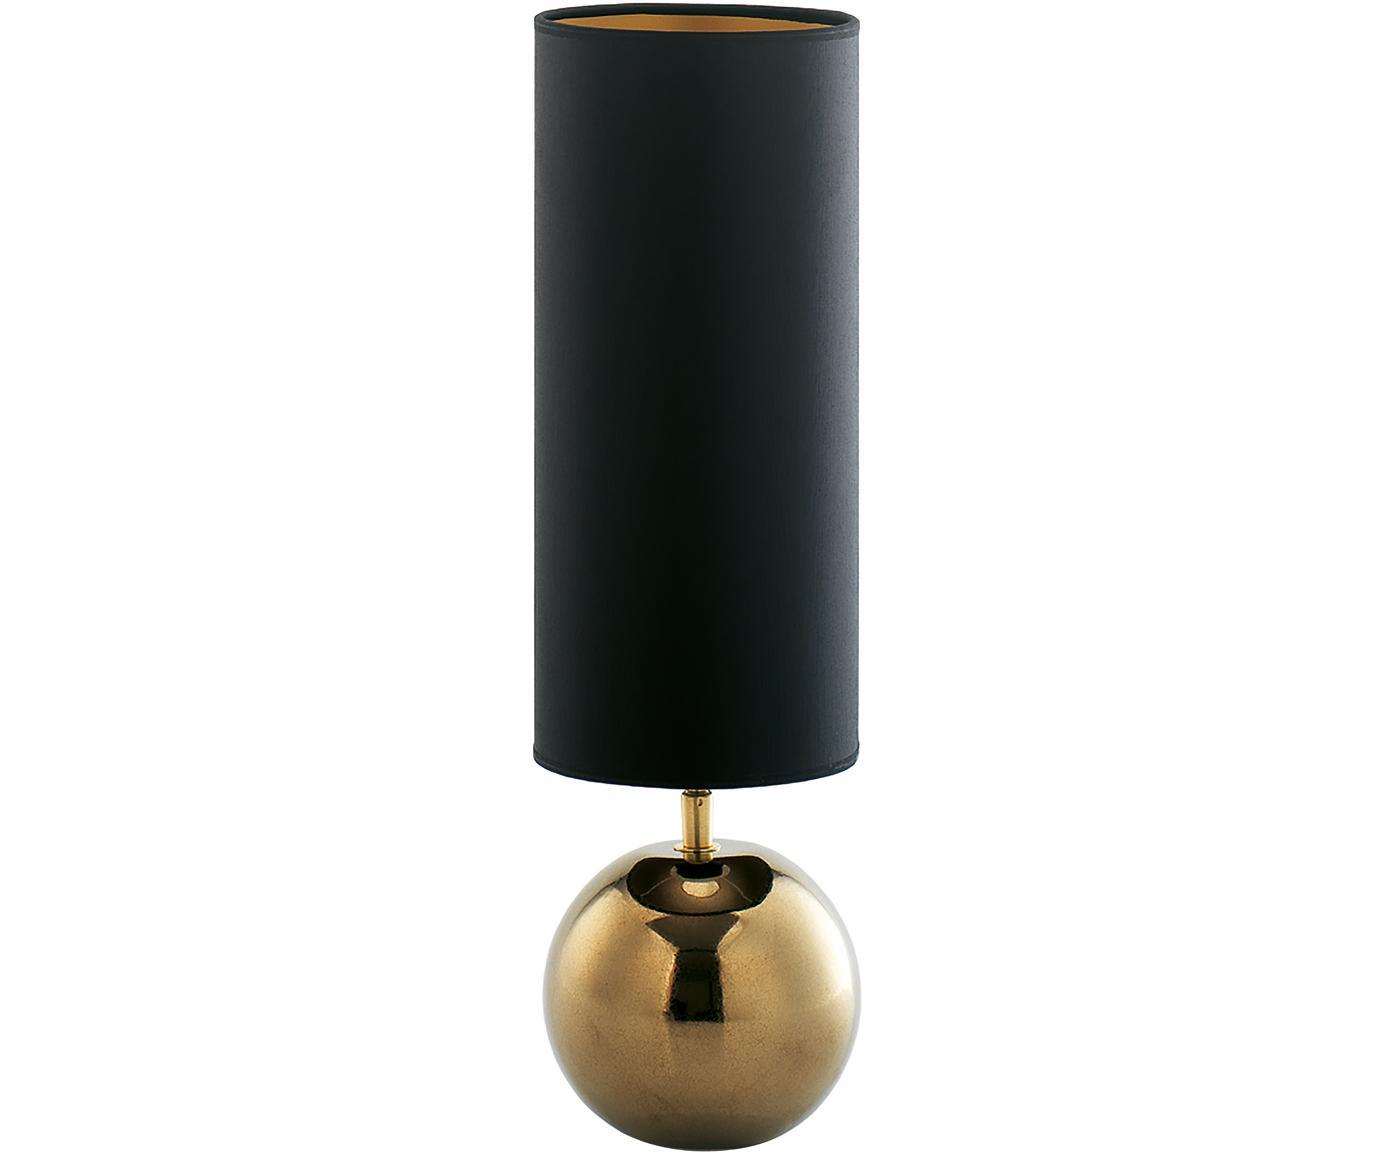 Lampada da tavolo in ceramica Neve, Paralume: poliestere, Base della lampada: ceramica, Nero, dorato, Ø 15 x Alt. 52 cm